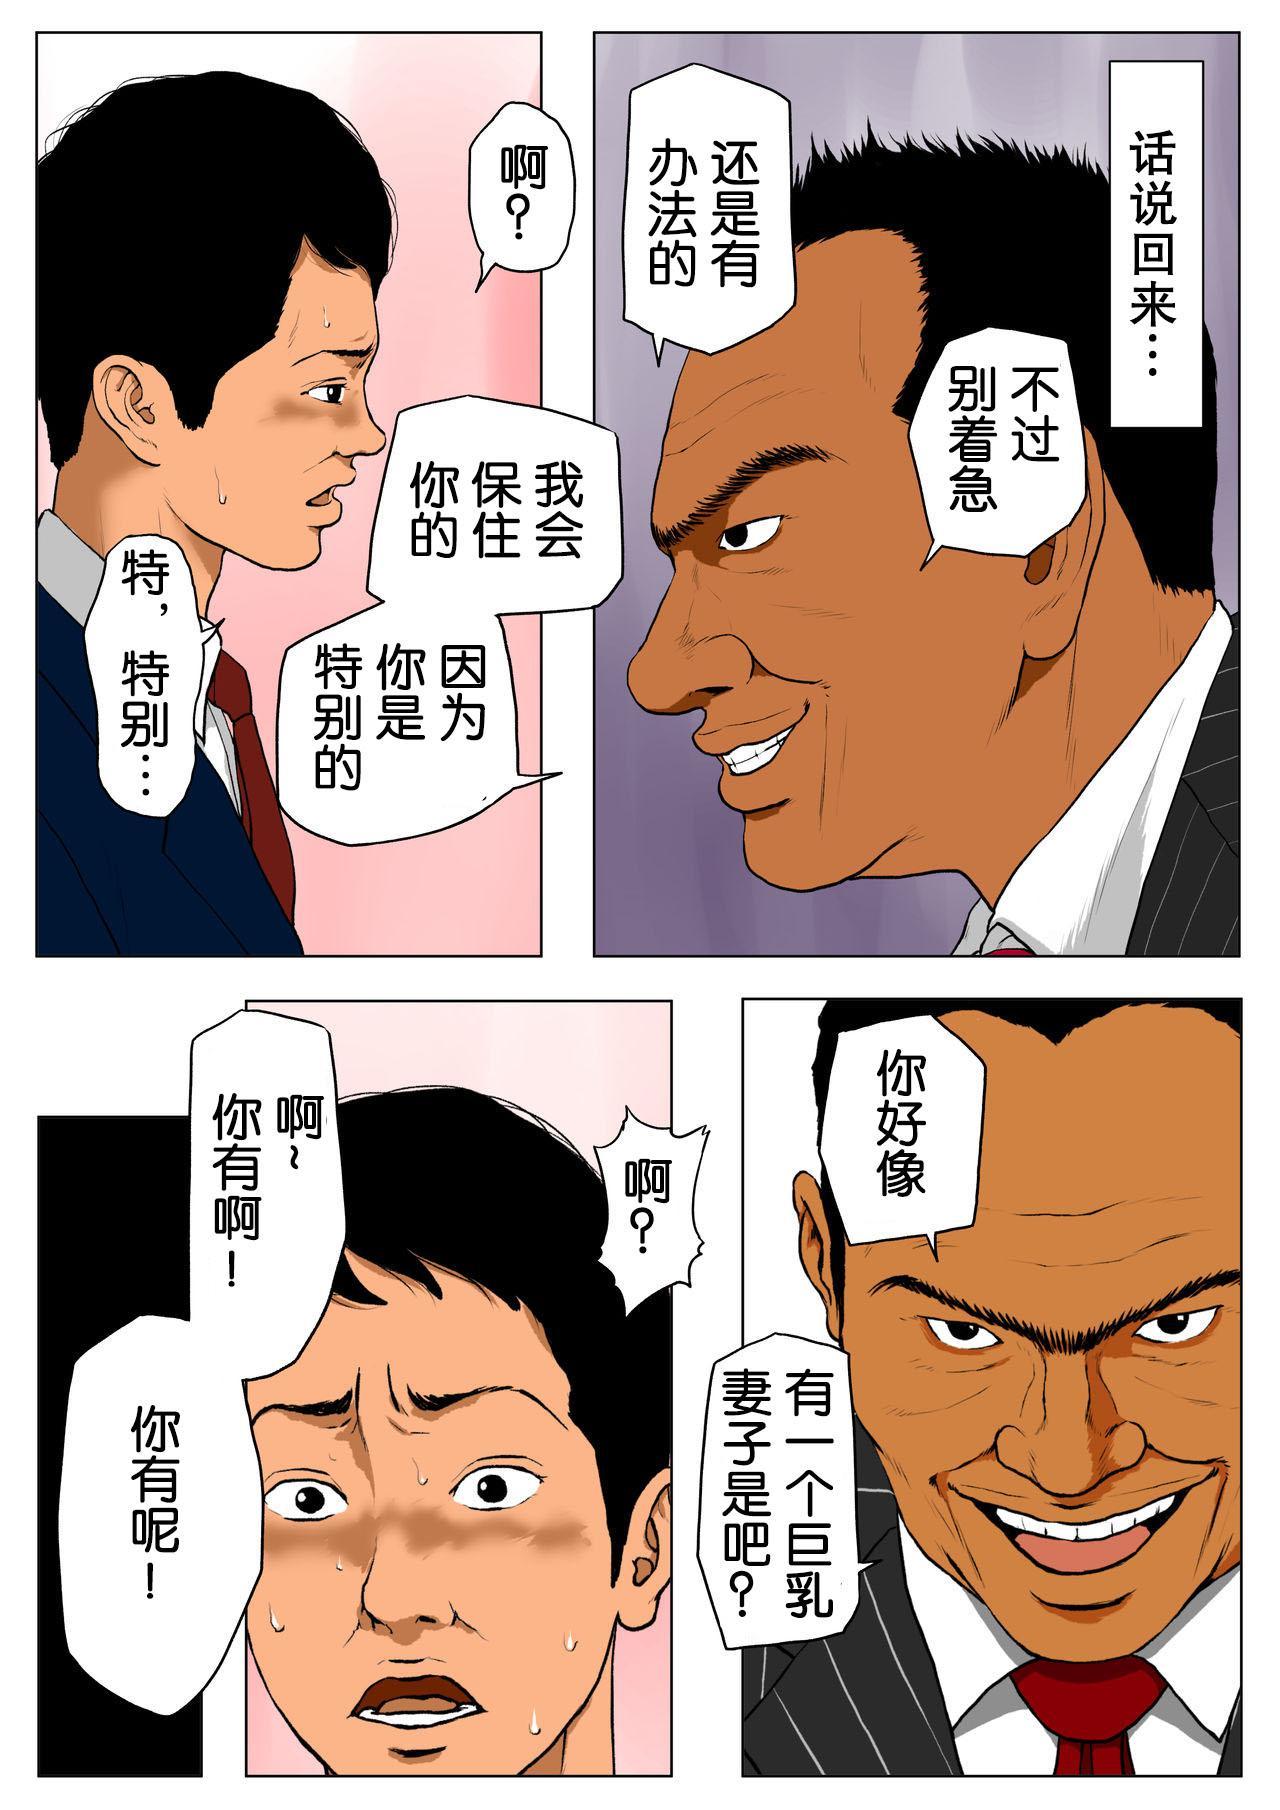 [W no Honnou] Shin, Boku no Tsuma to Kyokon no Moto AV Danyuu Buchou[Chinese]【不可视汉化】 10